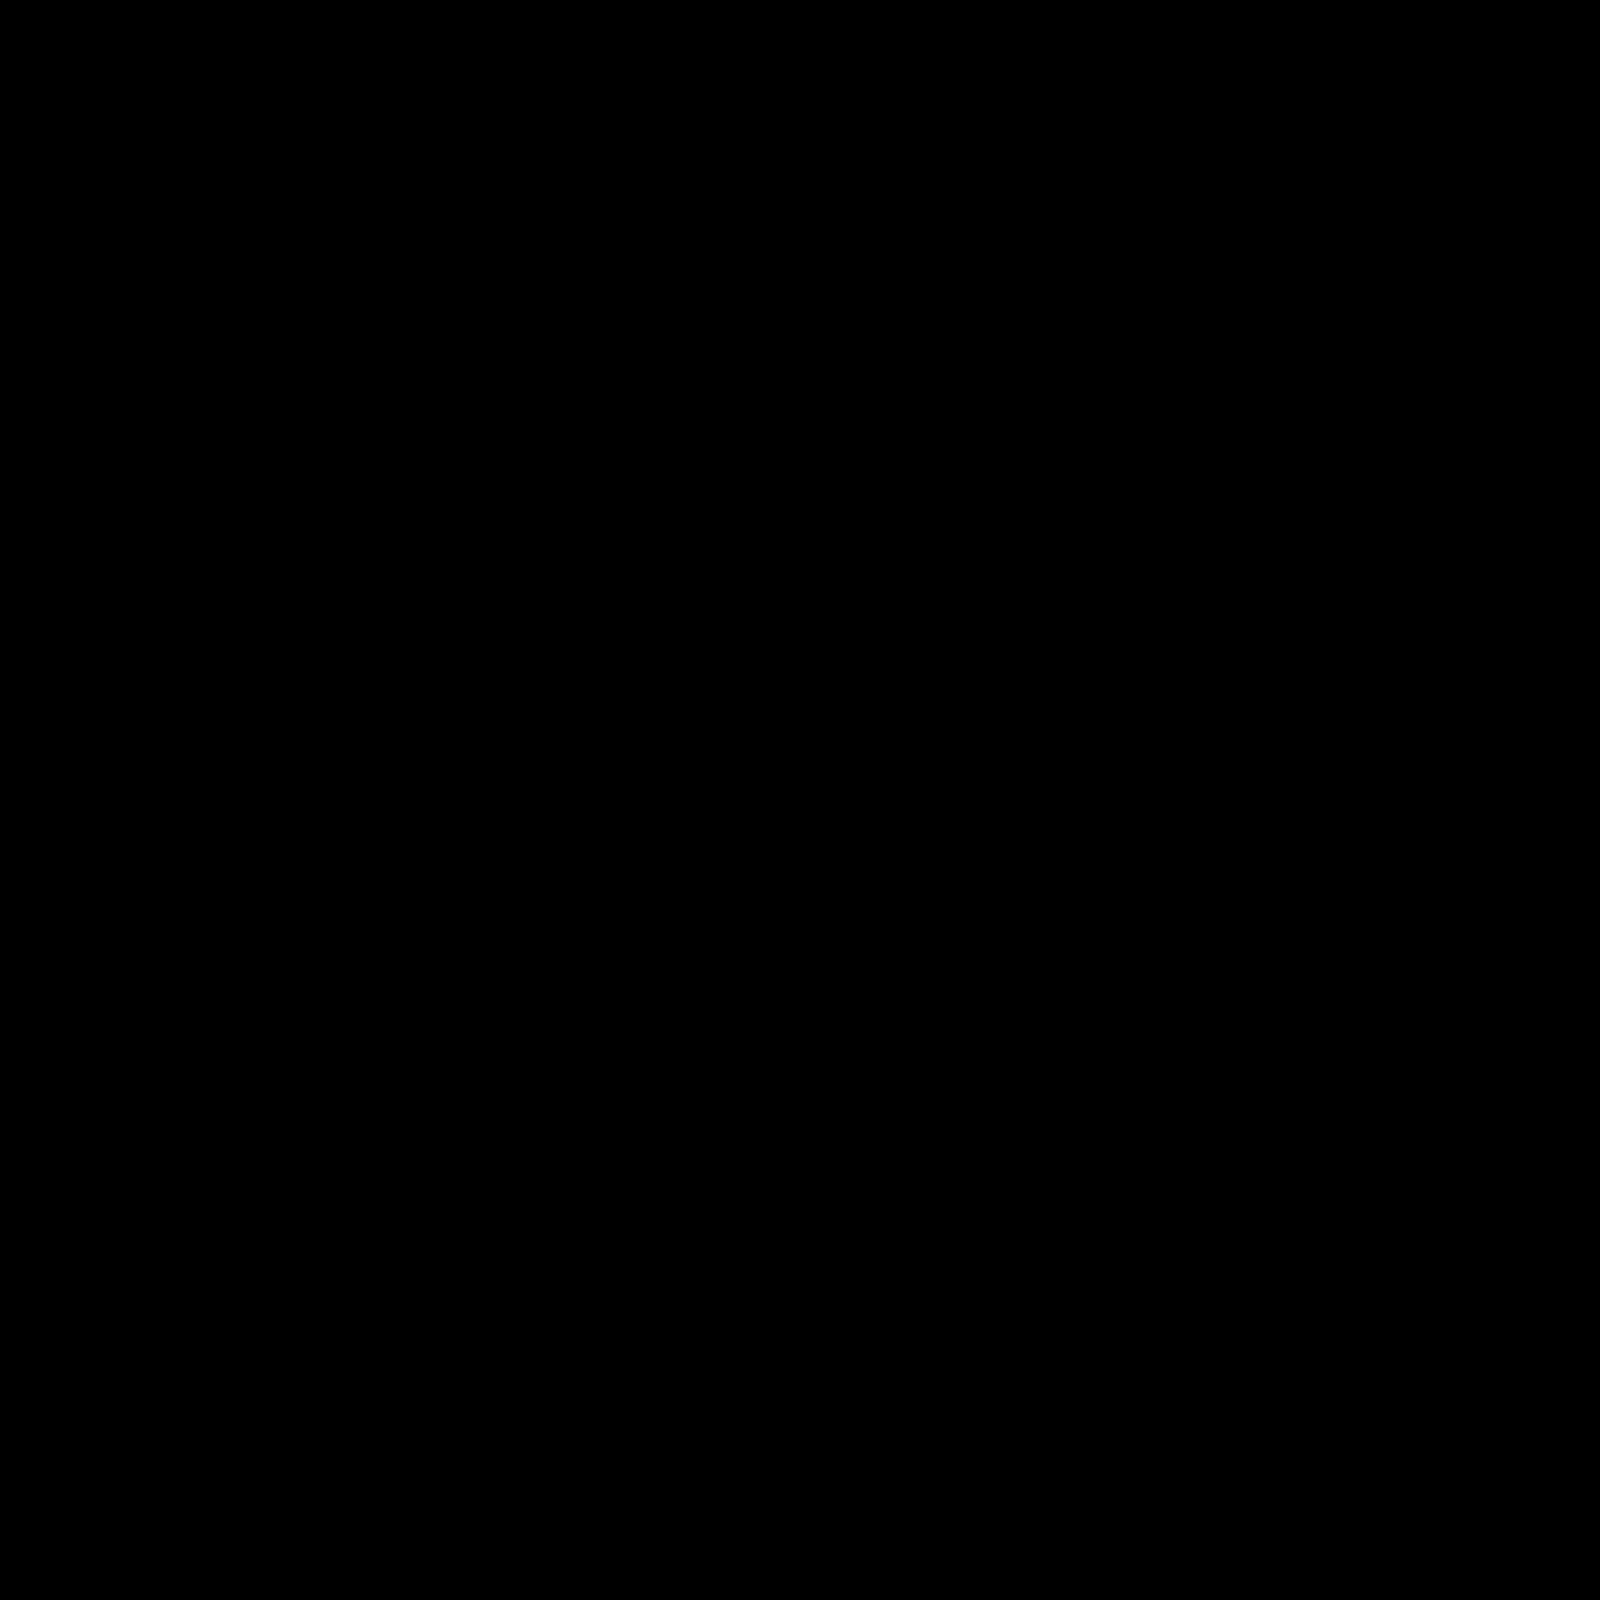 Caixa de diamante icon